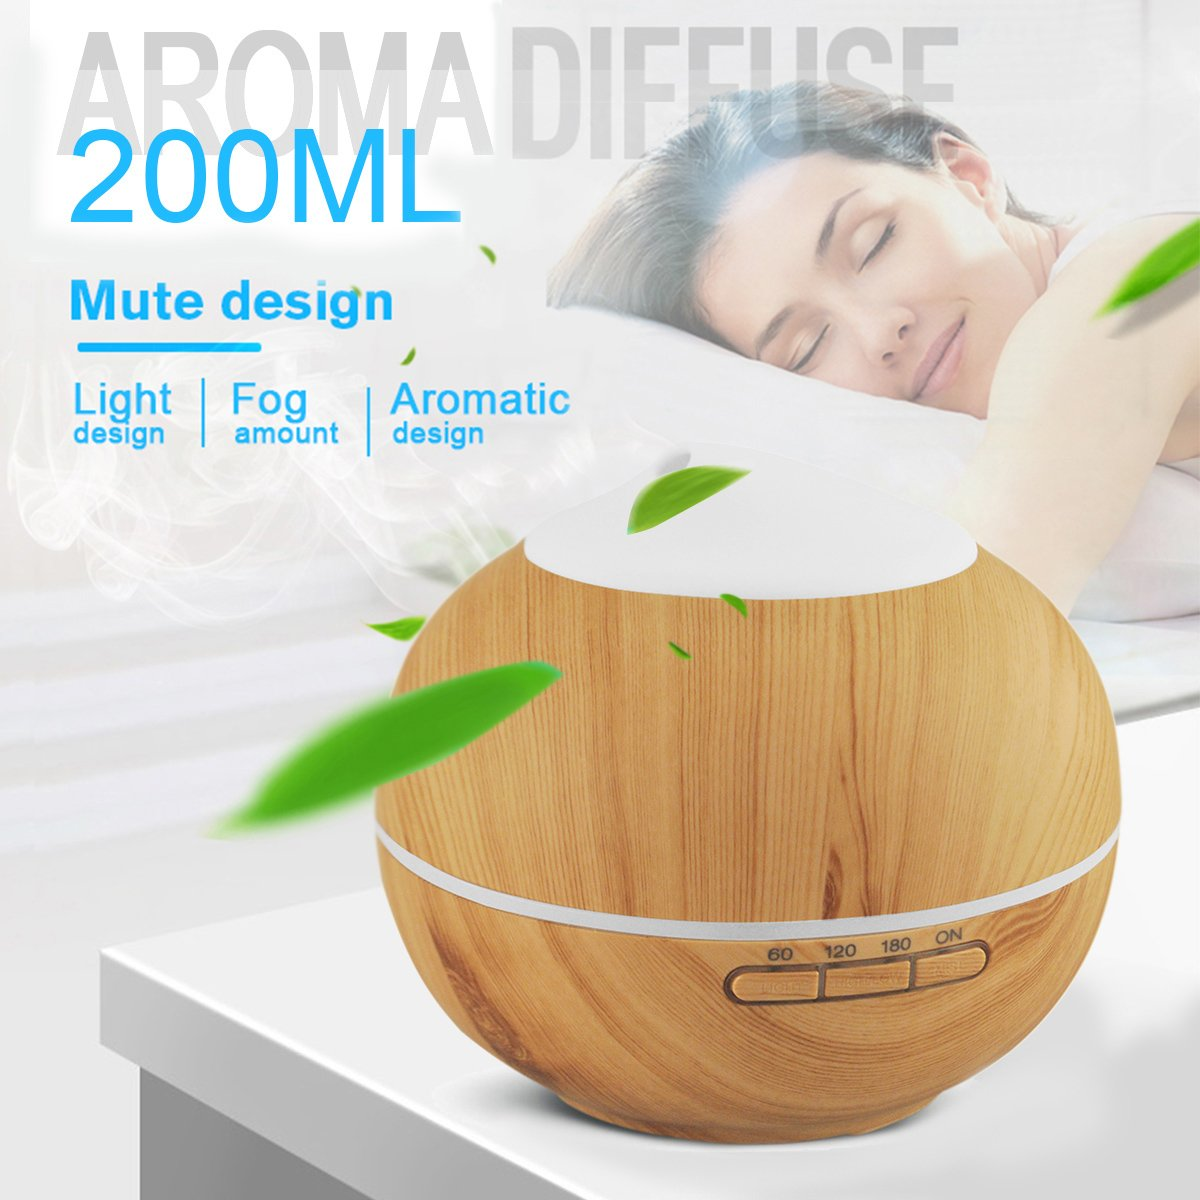 Aroma Diffuser, 200ml Holzmaserung Luftbefeuchter mit Farbenwechselnde Elektrisch Duftlampe 7 Farben für Yoga Salon Spa Wohn Schlaf Bade oder Kinderzimmer Hotel